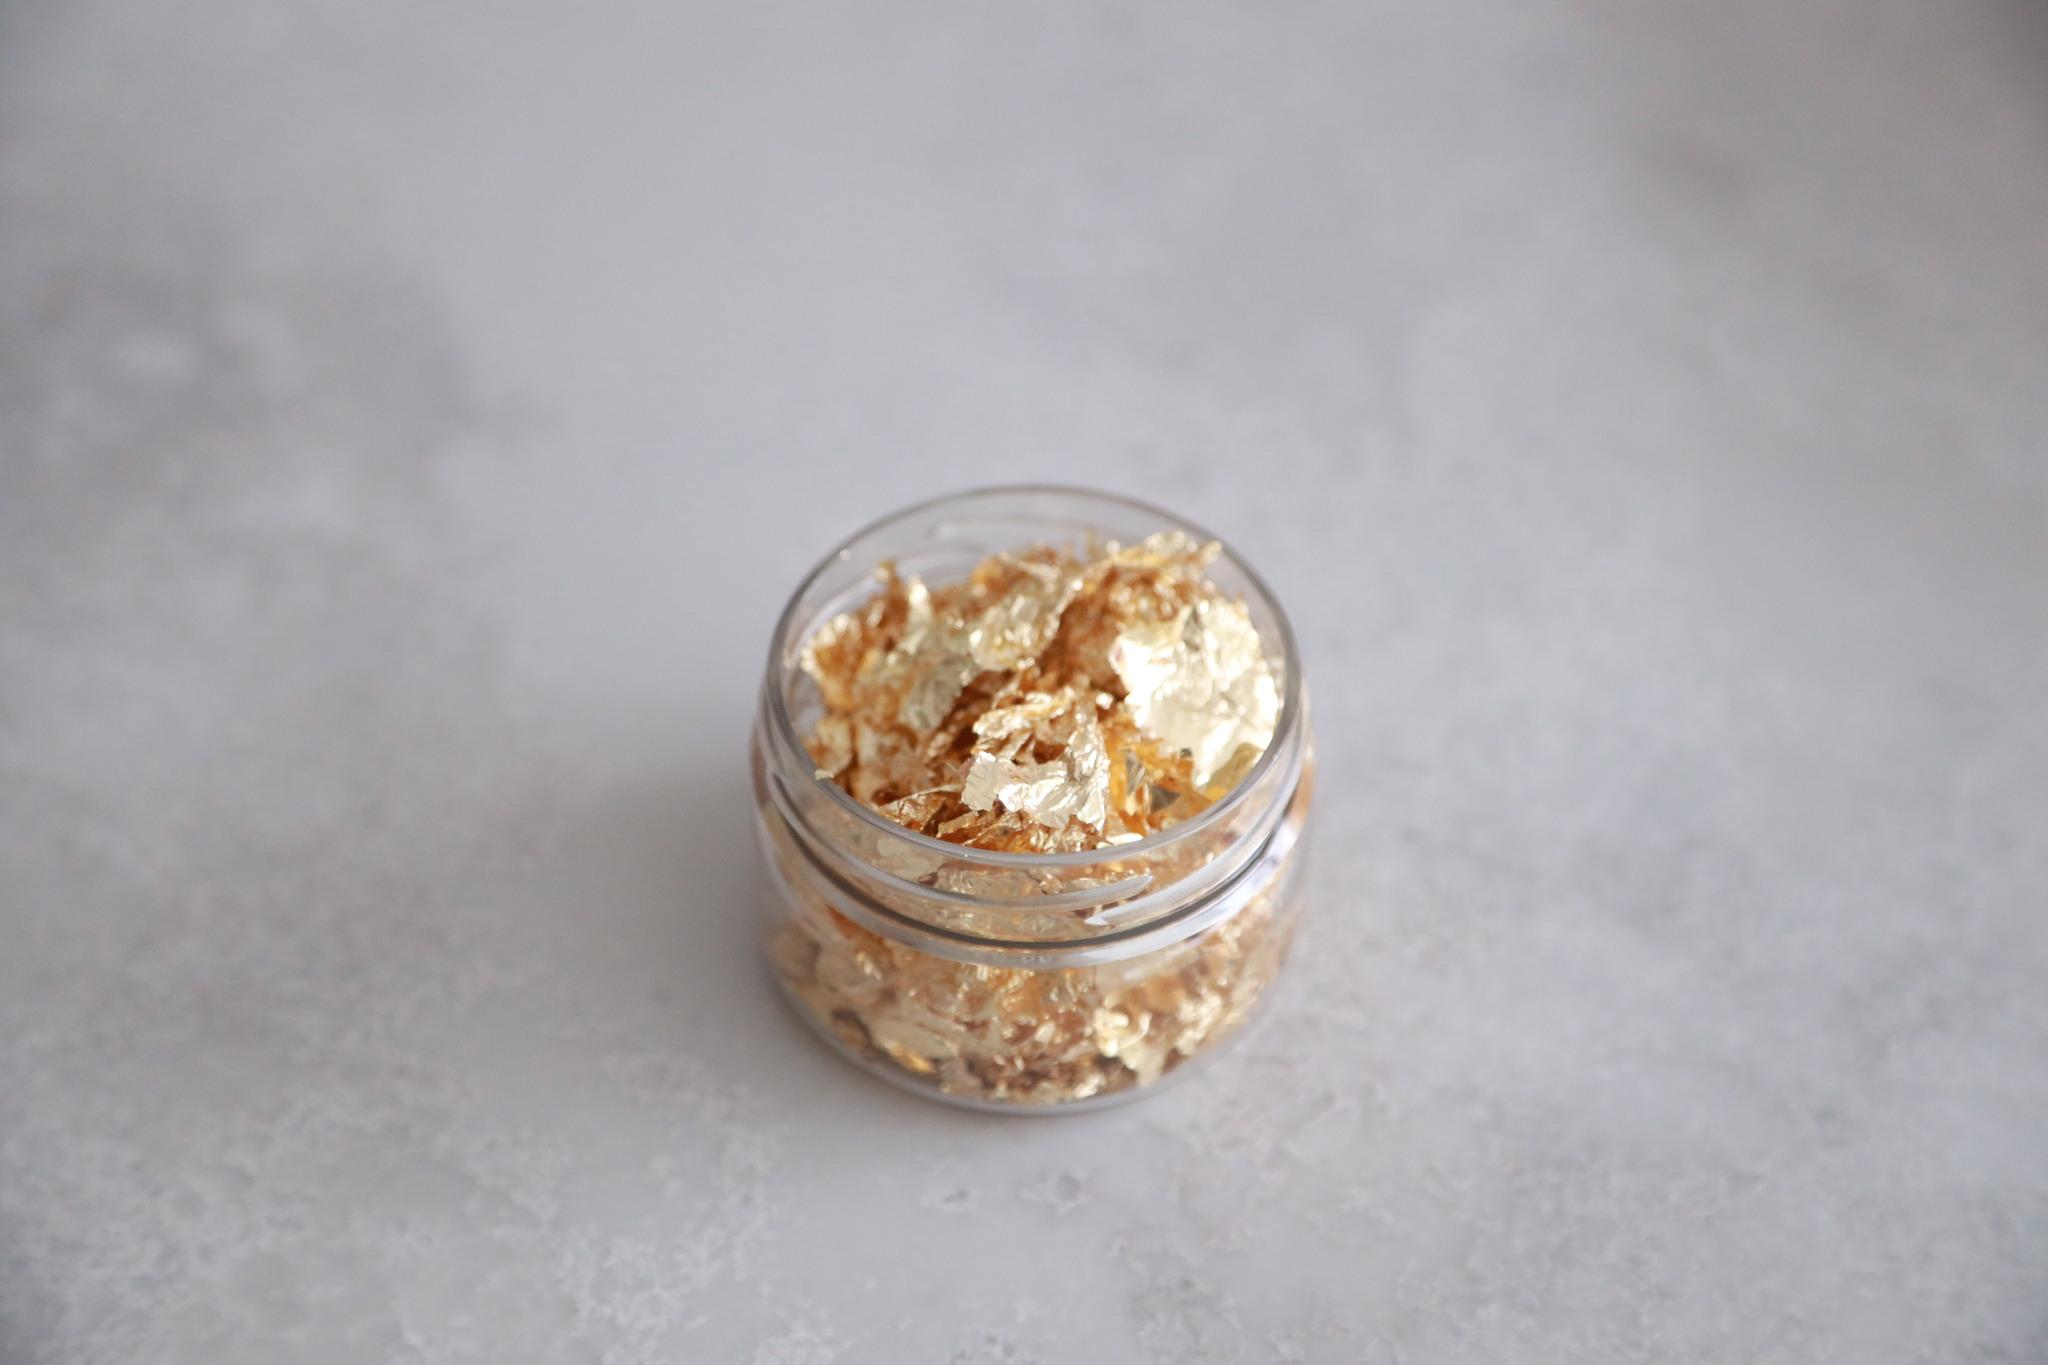 Пищевое золото в хлопьях, 1 гр